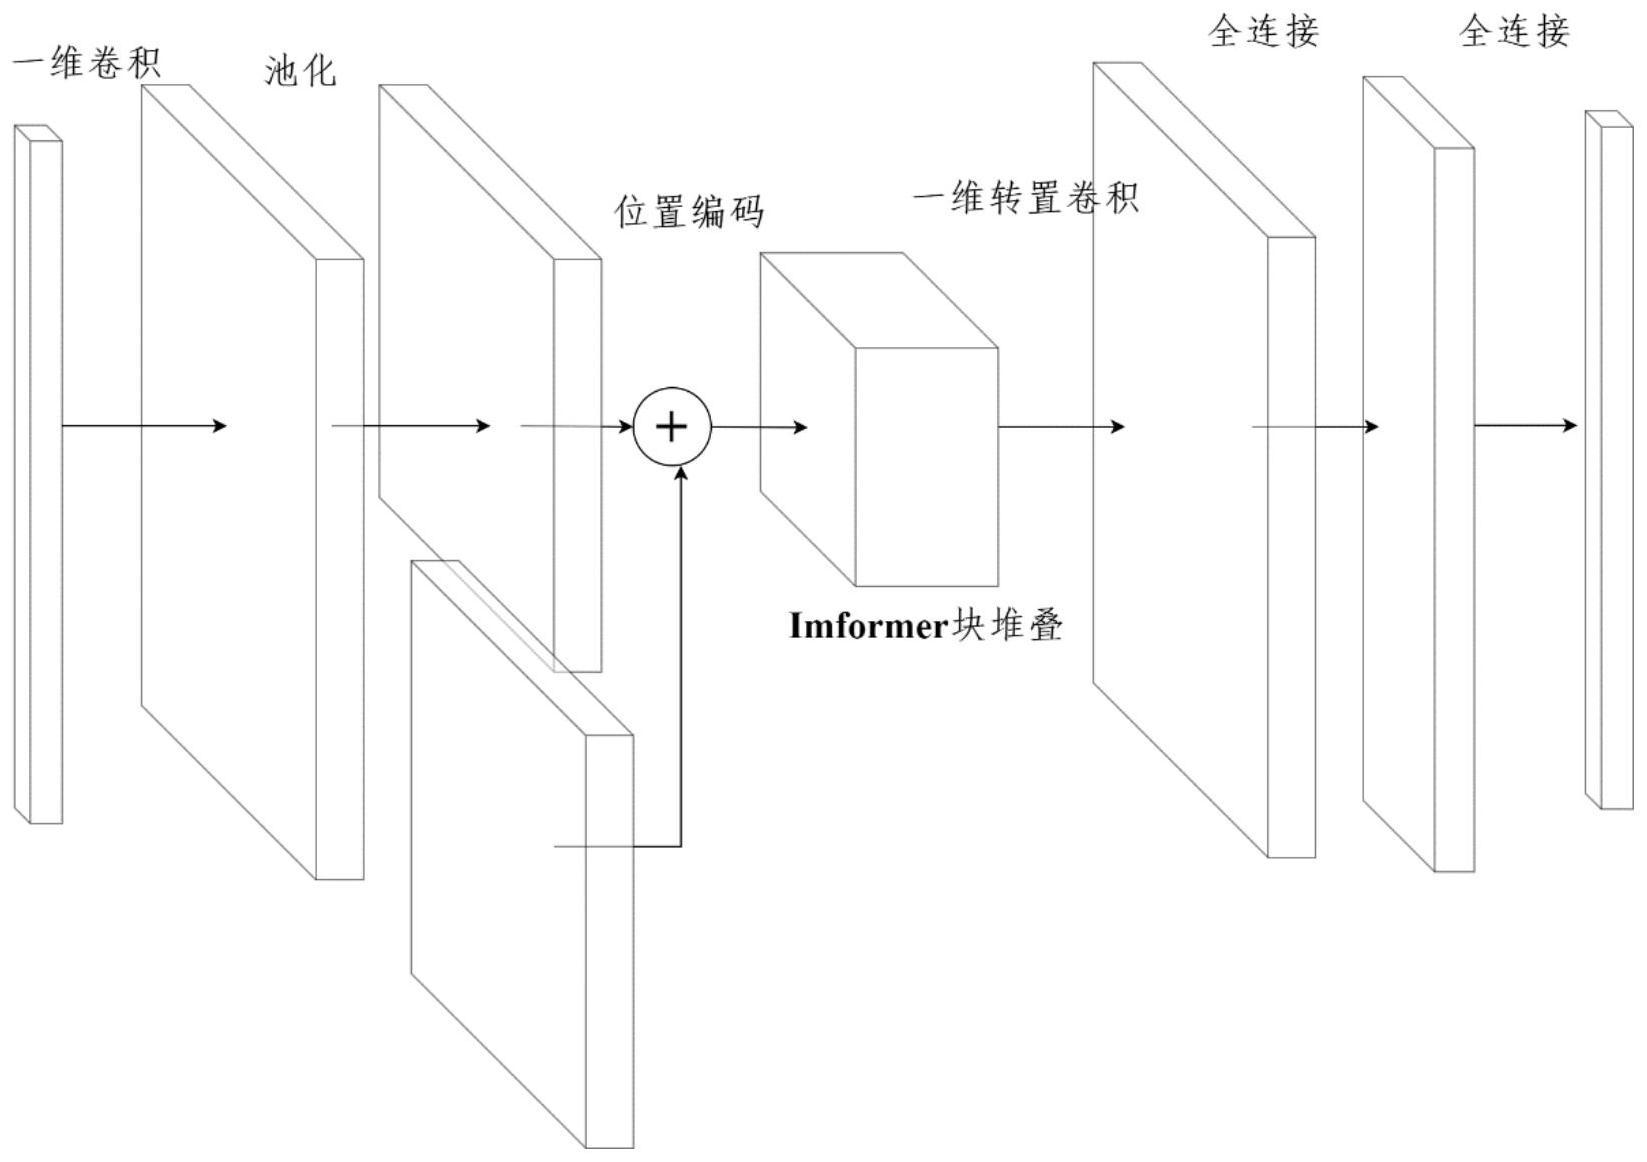 一种基于Informer模型编码结构的非侵入式负荷分解方法